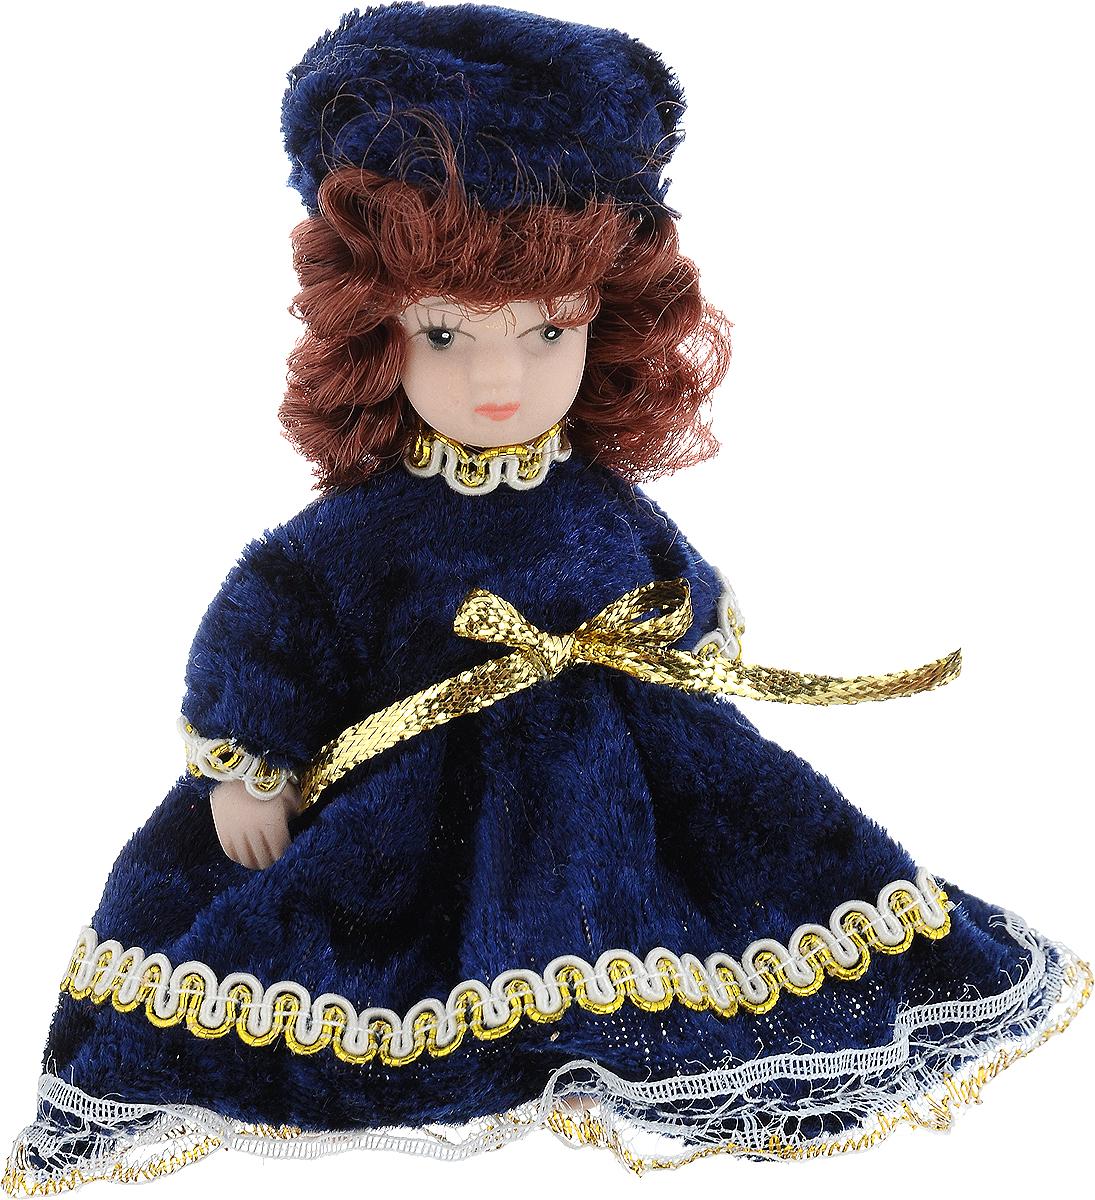 Фигурка декоративная Lovemark Кукла, цвет: бежевый, синий, золотистый, высота 10 см4041485343547Фигурка декоративная Lovemark Кукла изготовлена из керамики в виде куклы с кудрявыми каштановыми волосами, большими глазами и ресницами. Куколка одета в длинное бархатное платье, декорированное золотистой тесьмой и бантиком, и шапочку. Вы можете поставить фигурку в любое место, где она будет красиво смотреться и радовать глаз. Кроме того, она станет отличным сувениром для друзей и близких. А прикрепив к ней петельку, такую куколку можно подвесить на елку.